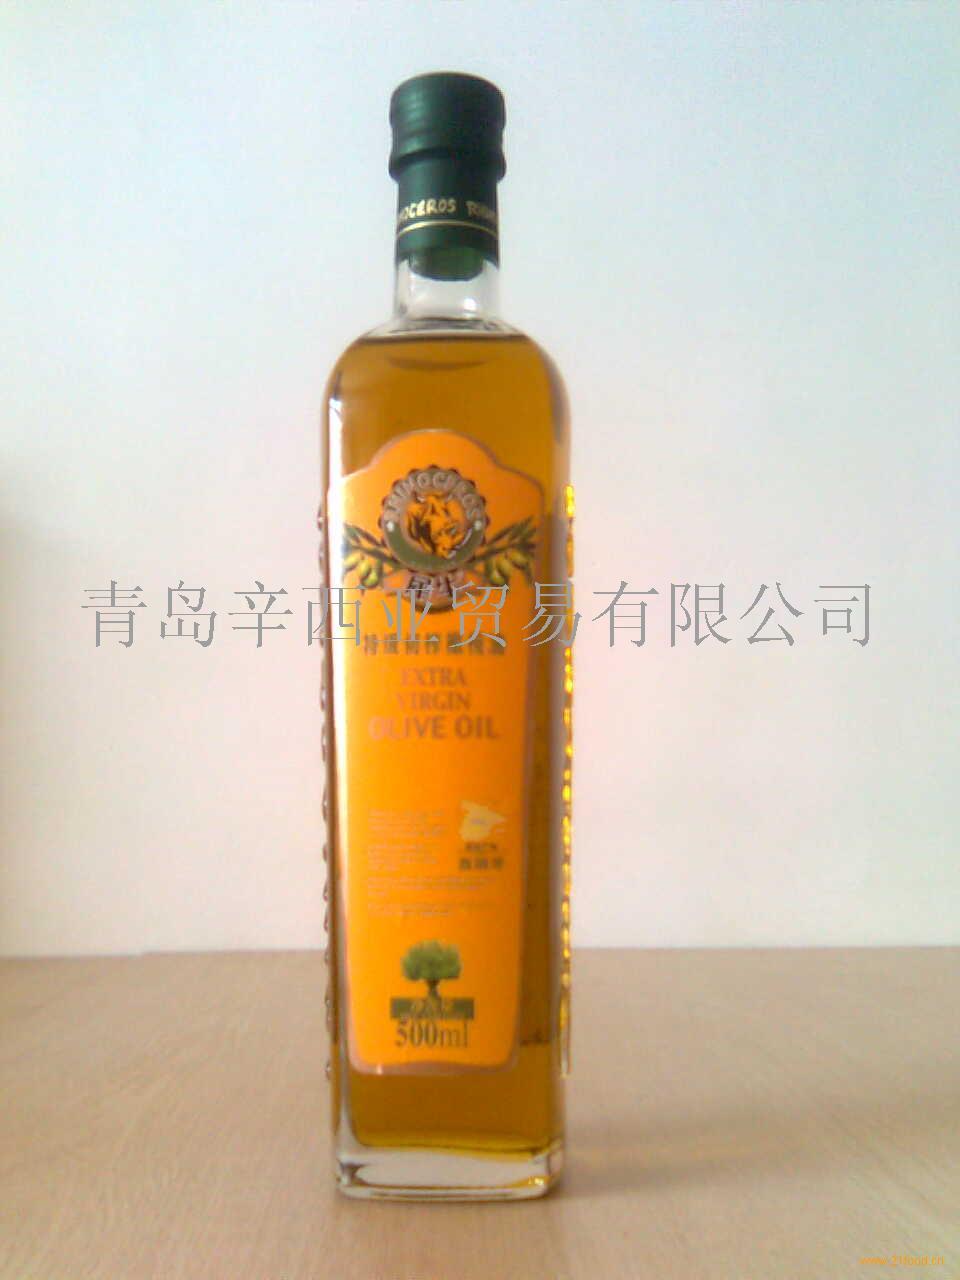 西班牙特级初榨橄榄油-500ml